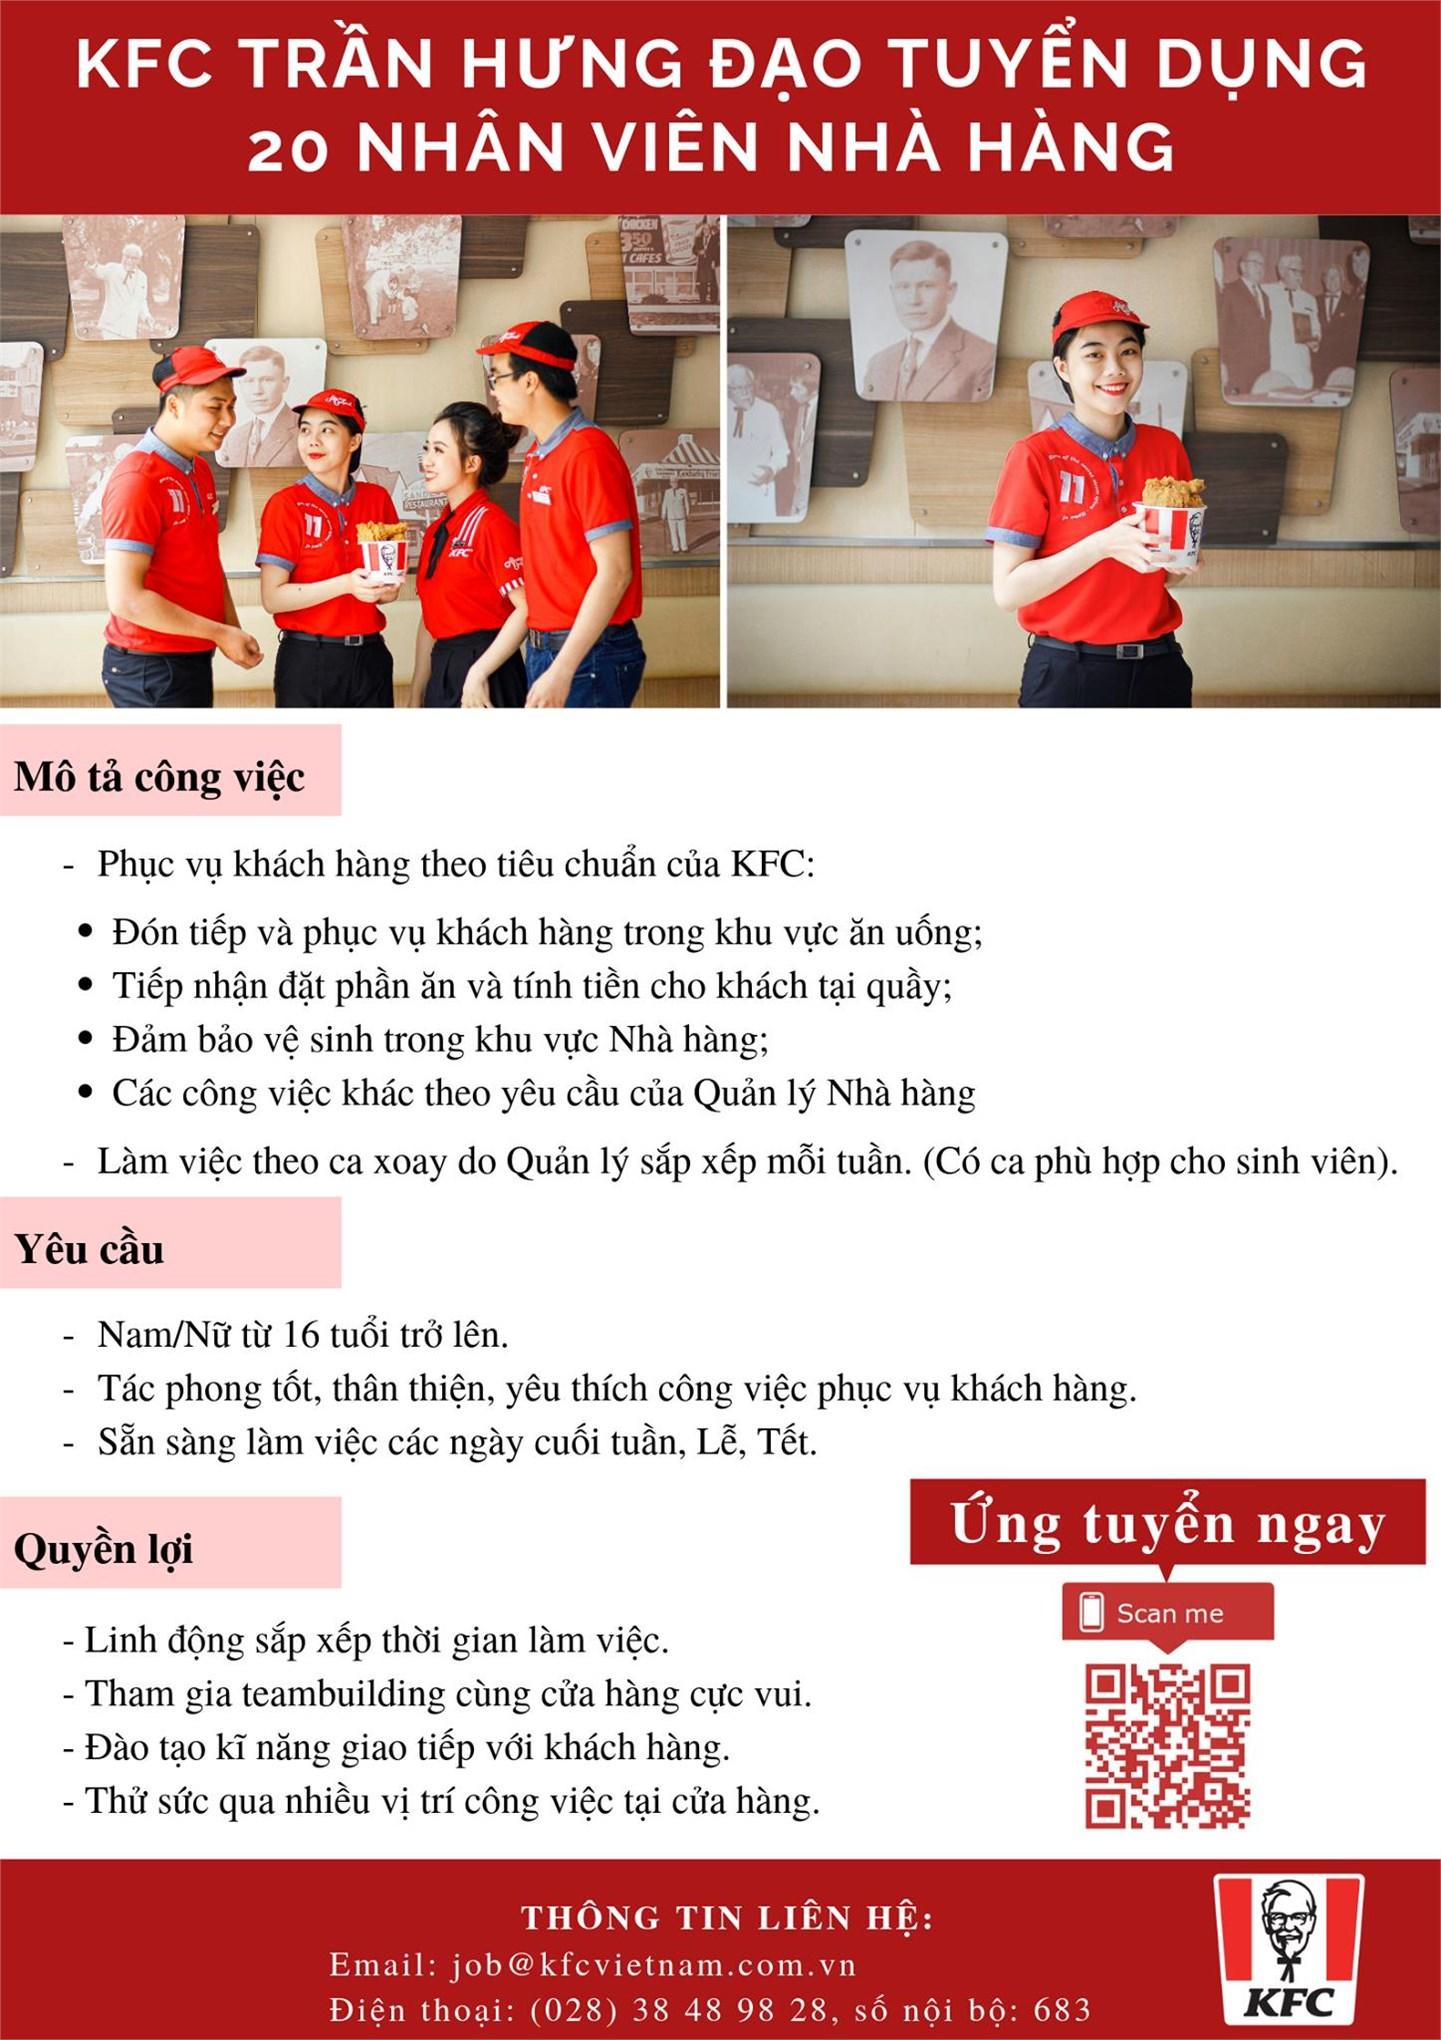 Thông báo tuyển dụng của KFC Ninh Bình